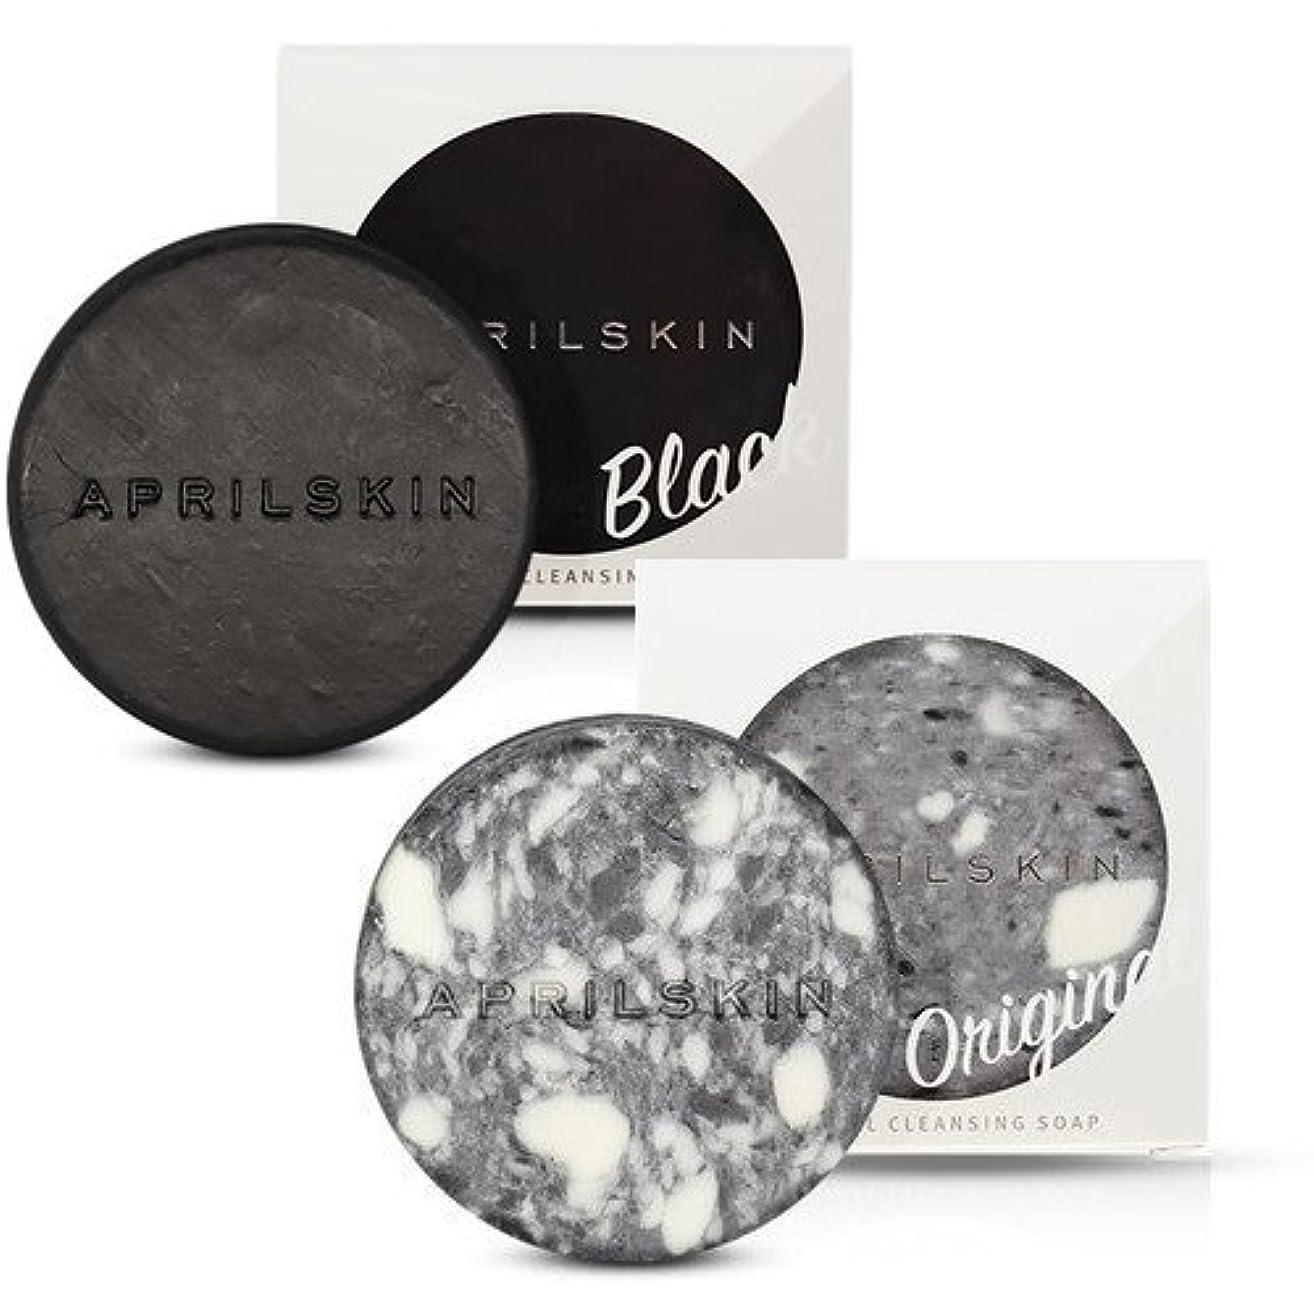 寸法空いているグリース[1+1][APRILSKIN] エイプリルスキン国民石鹸 (APRIL SKIN マジックストーンのリニューアルバージョン新発売) (ORIGINAL+BLACK) [並行輸入品]